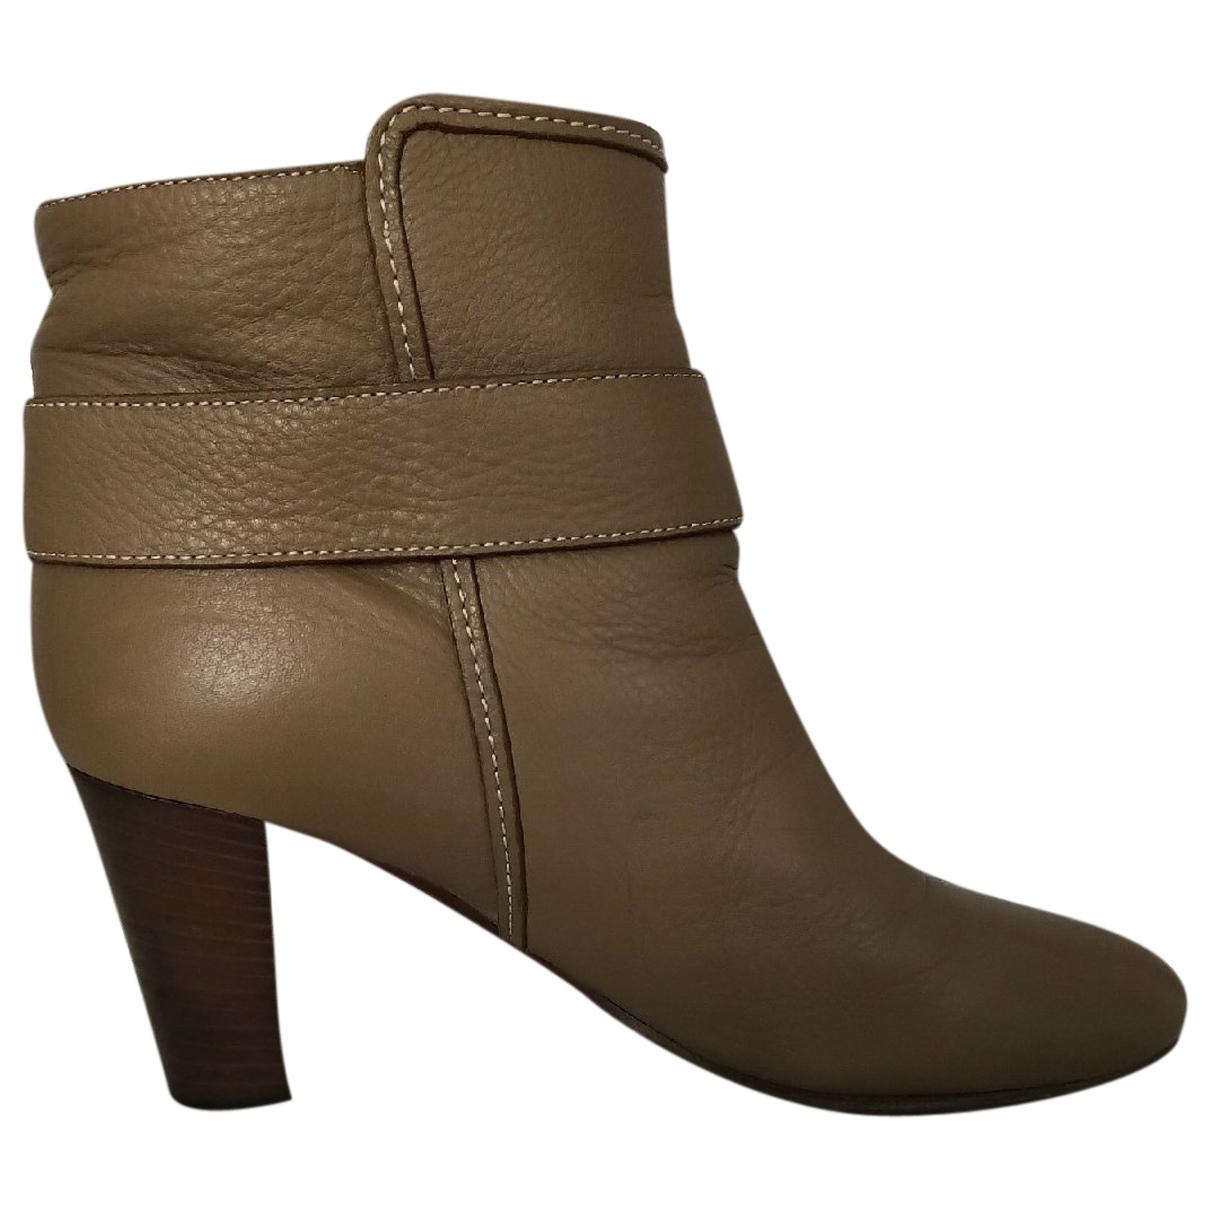 Chloe - Boots   pour femme en cuir - kaki